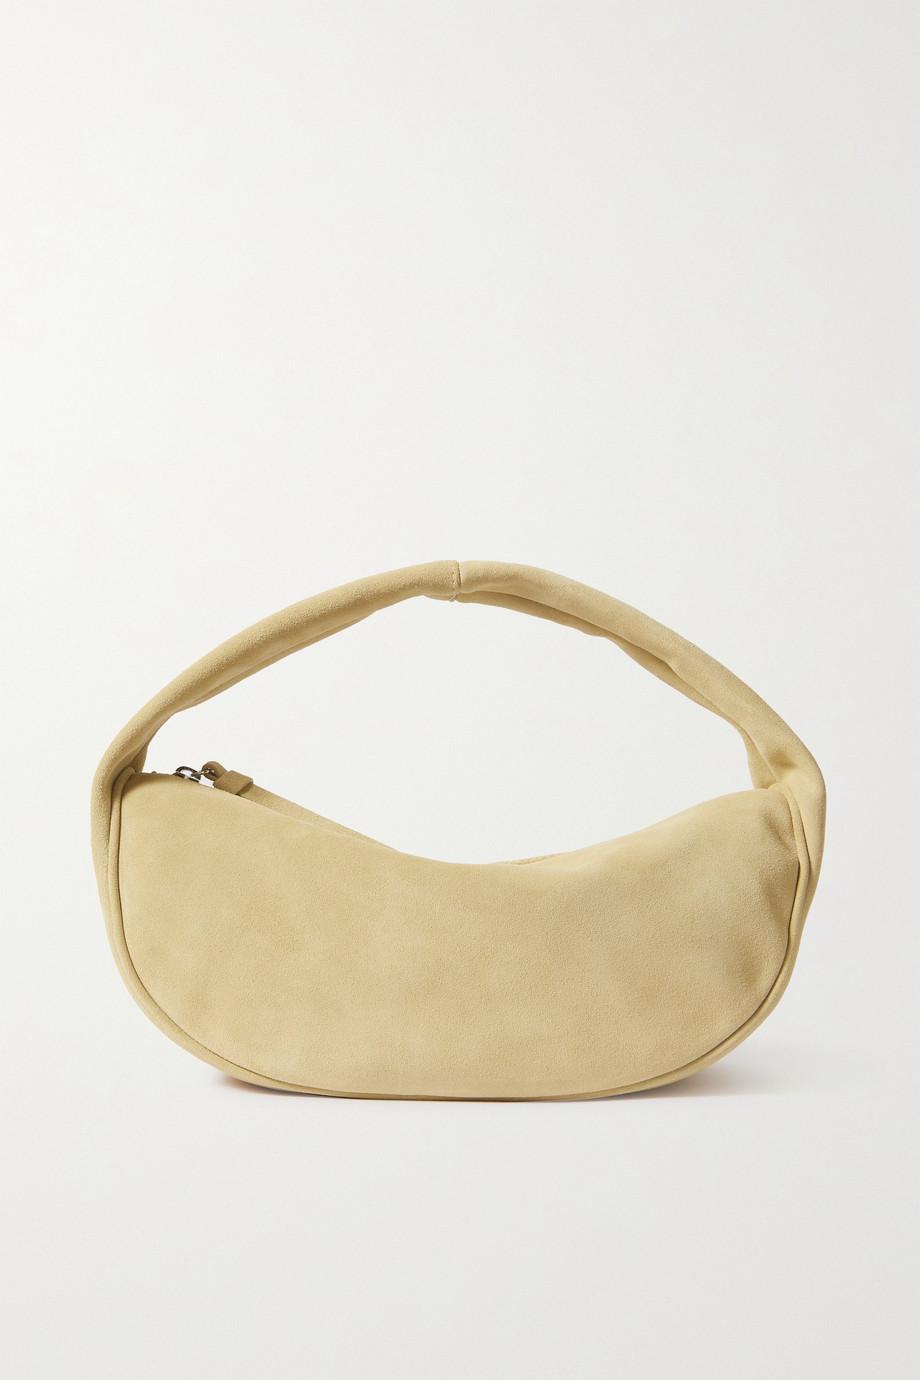 BY FAR Cush suede shoulder bag